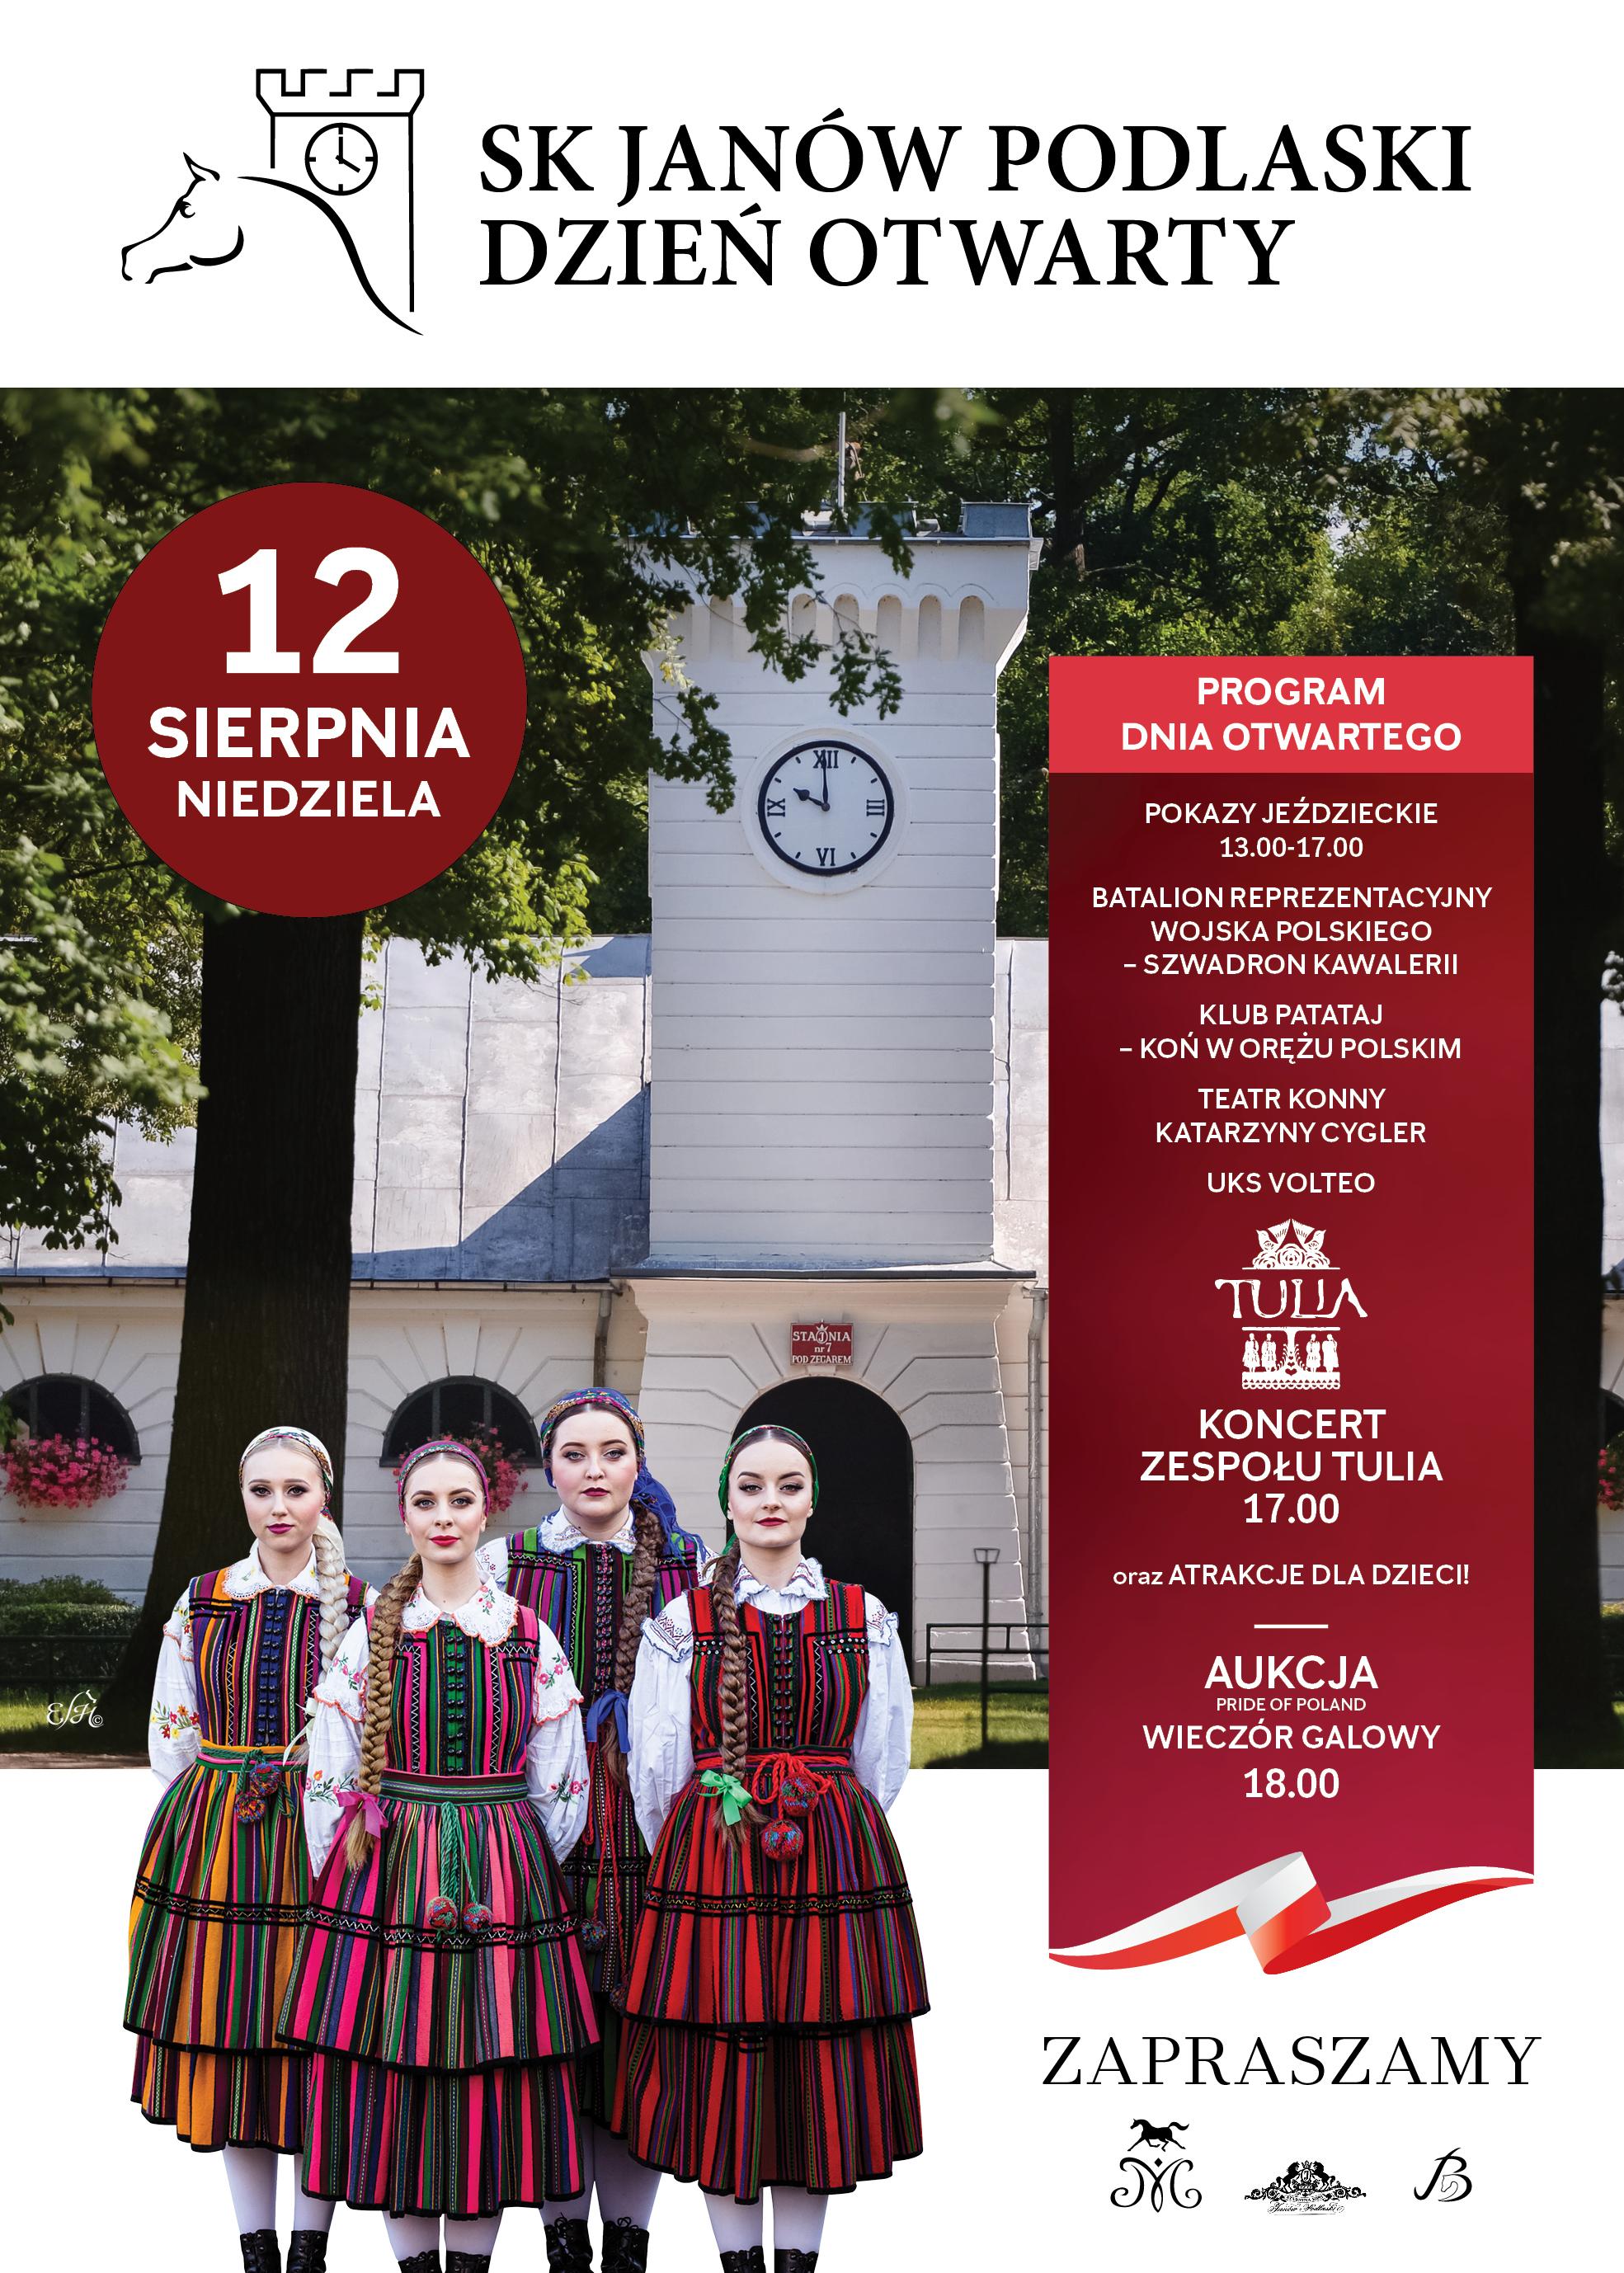 Dzień otwarty w Janowie Podlaskim już 12 sierpnia!